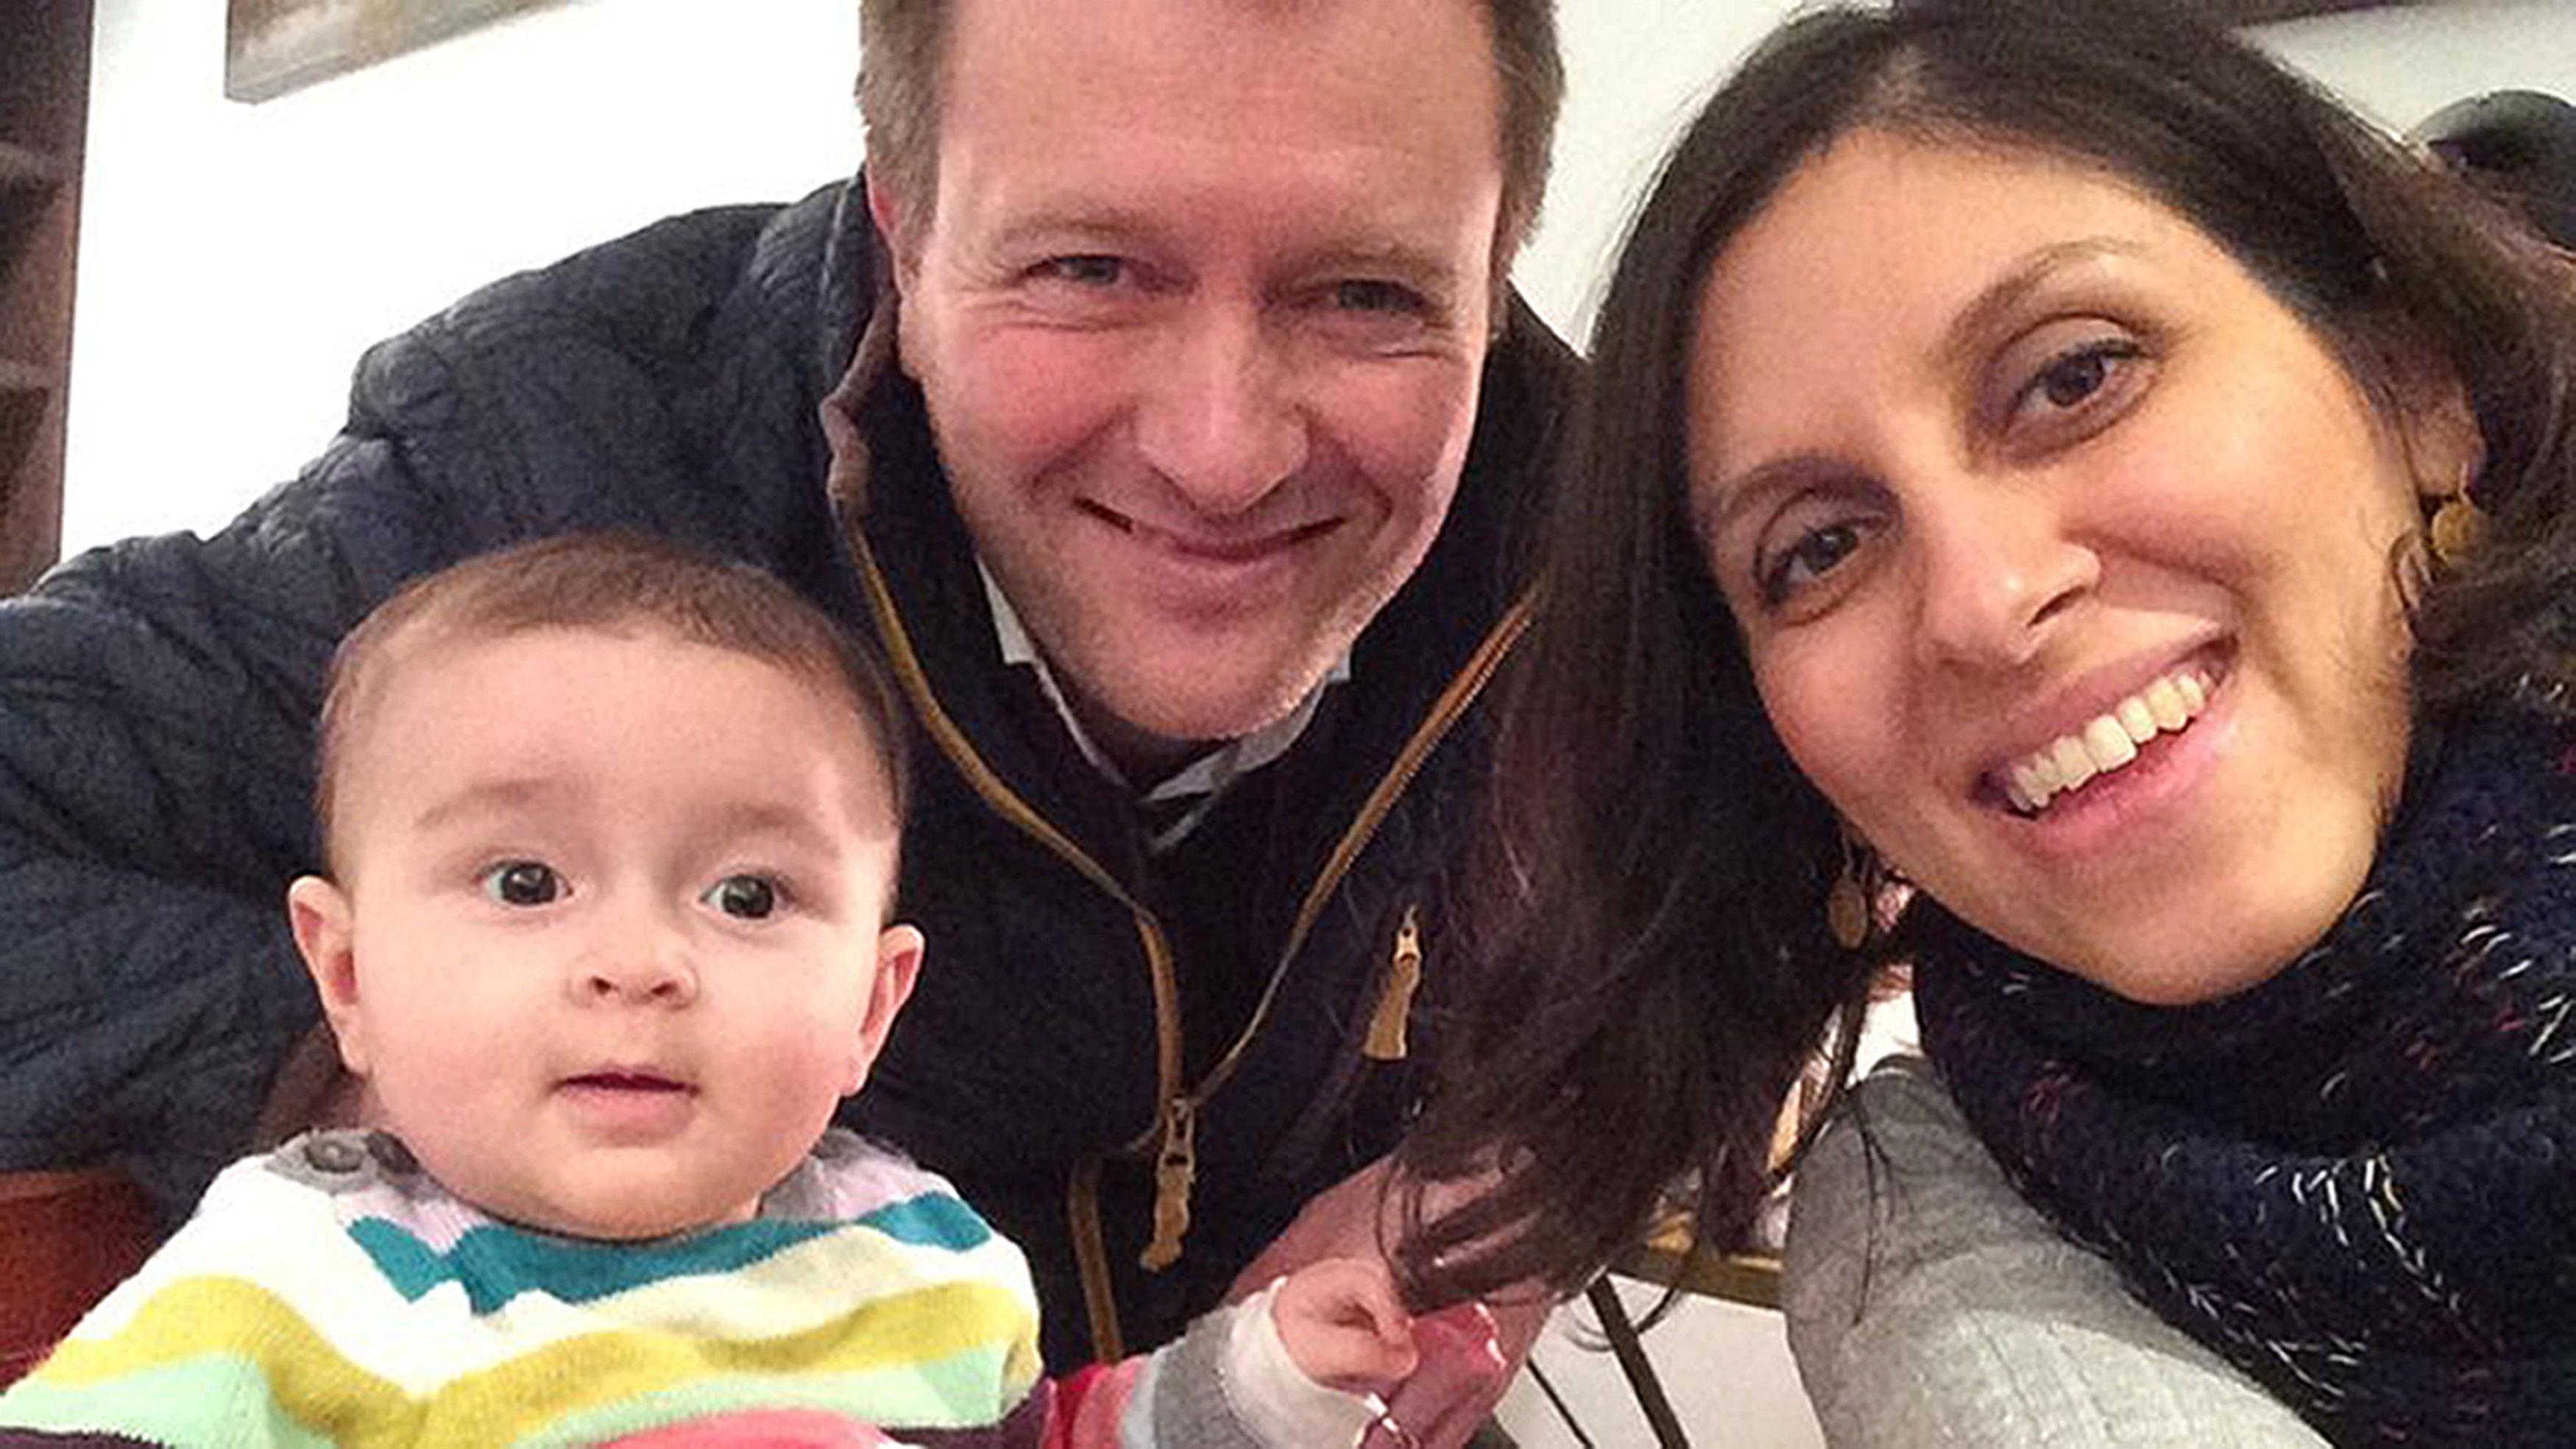 Theresa May urged to help free Nazanin Zaghari-Ratcliffe from Iranian jail